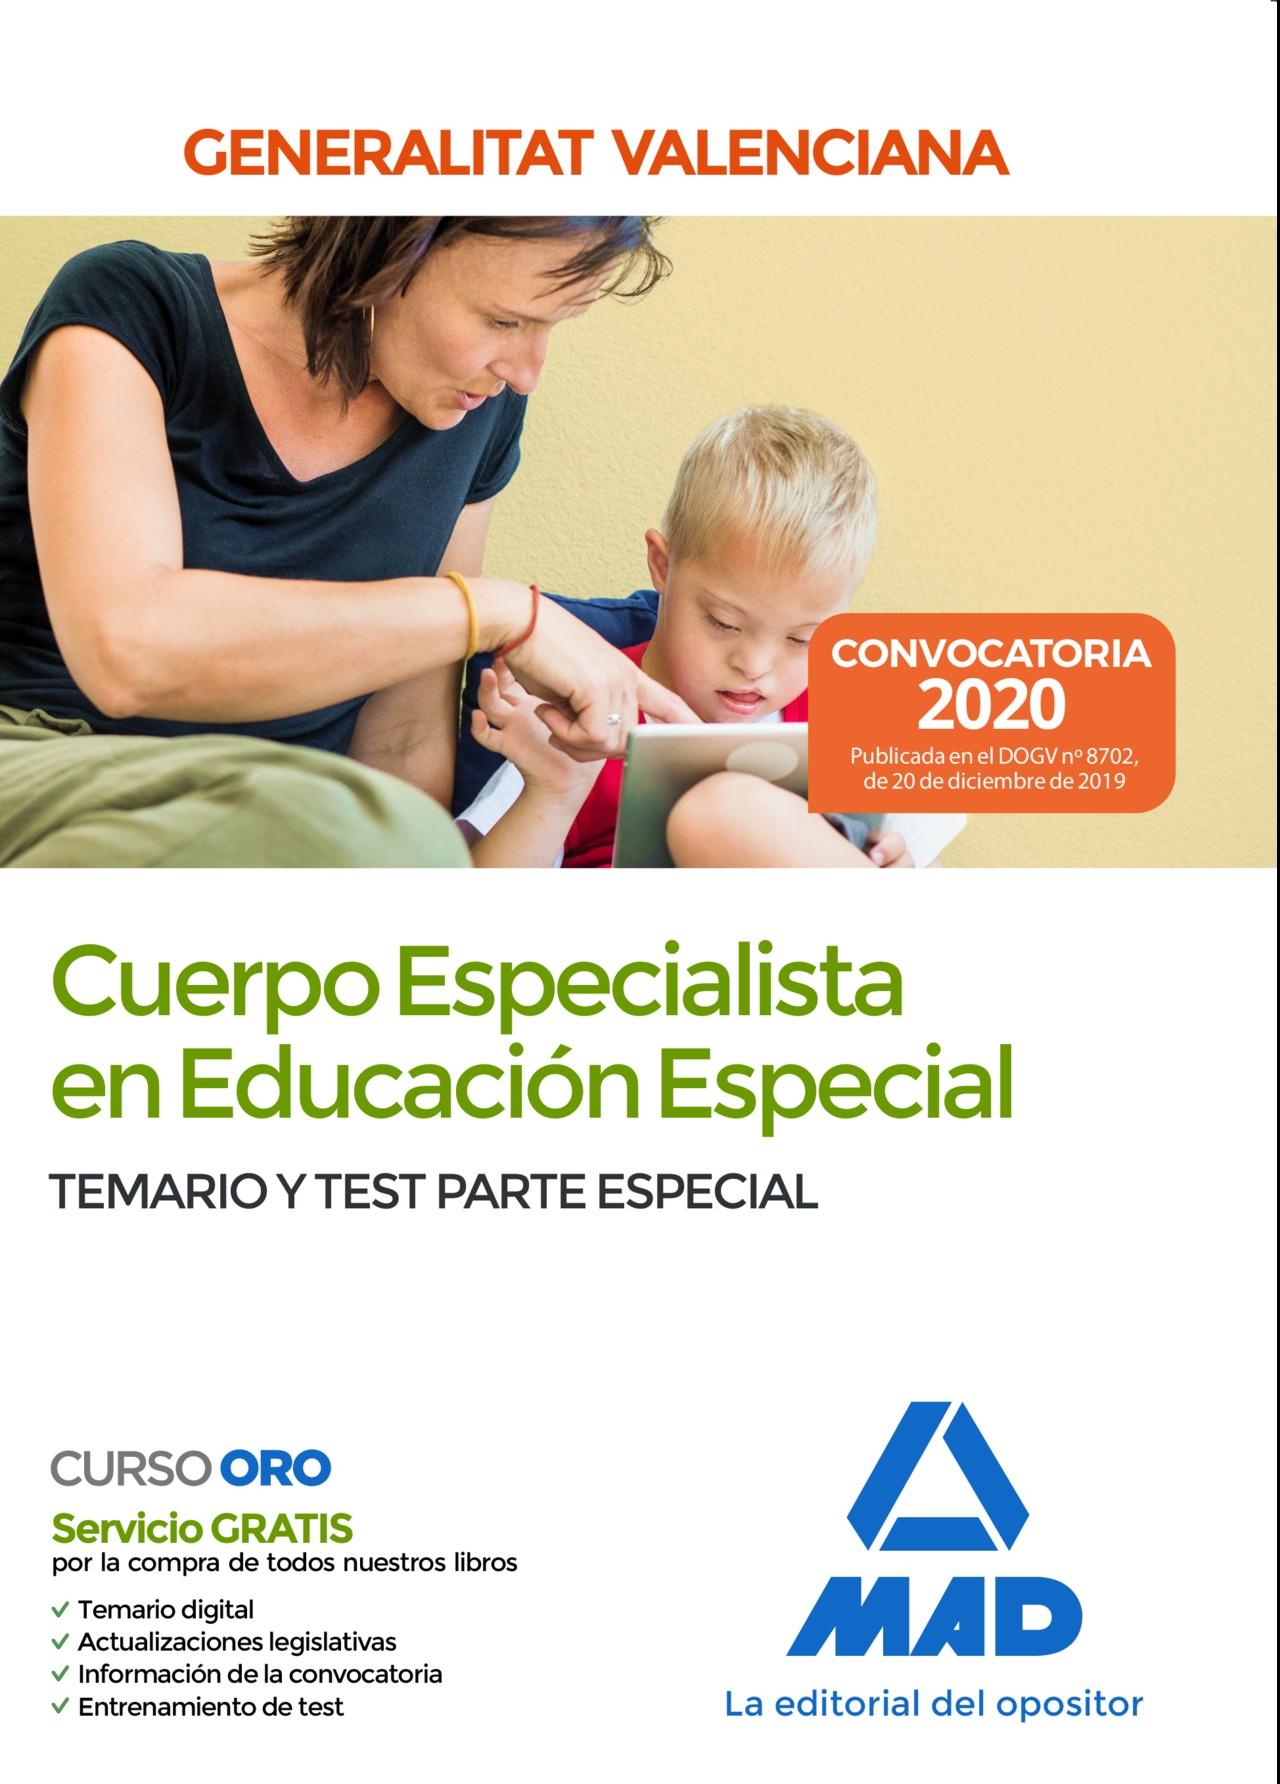 Cuerpo Especialista en Educación Especial de la Administración de la Generalitat Valenciana